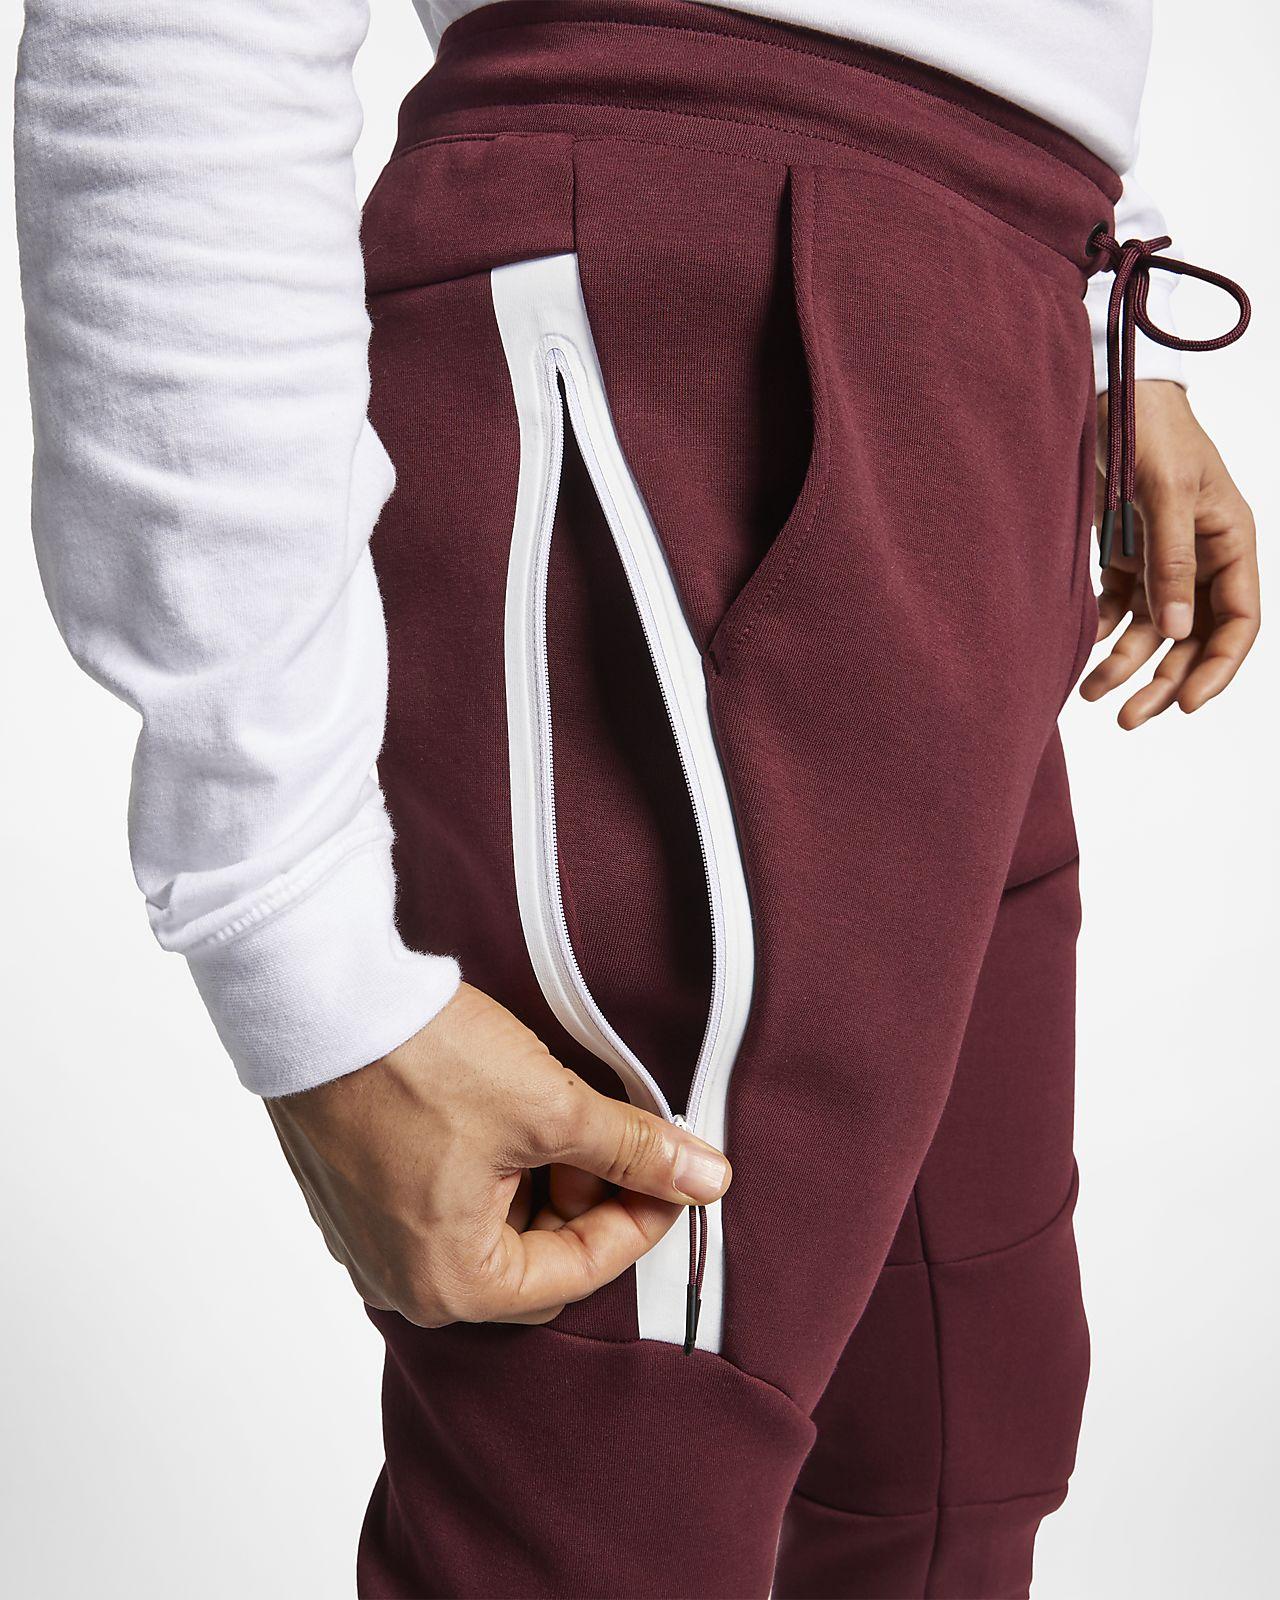 fe21ad1ee029 Nike Sportswear Tech Fleece Men s Joggers. Nike.com CA